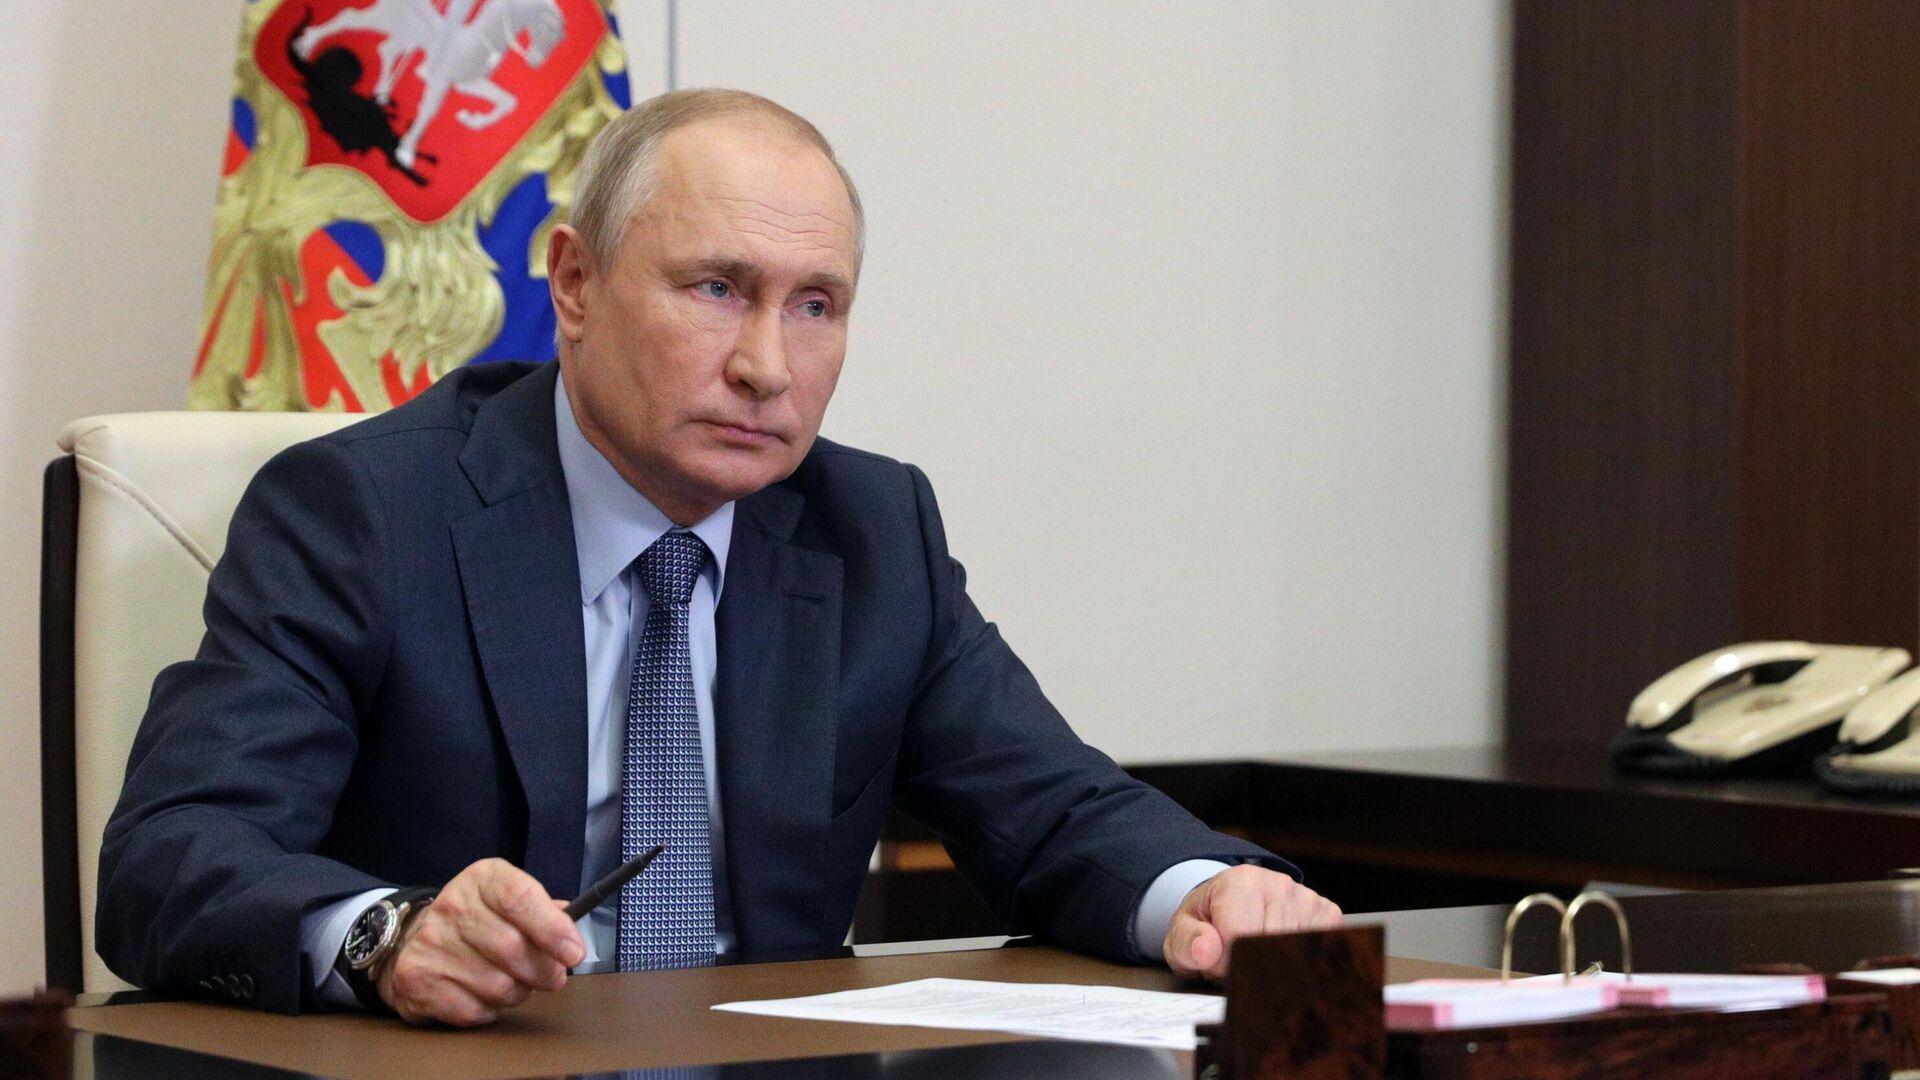 Russlands Präsident Wladimir Putin  - SNA, 1920, 23.09.2021